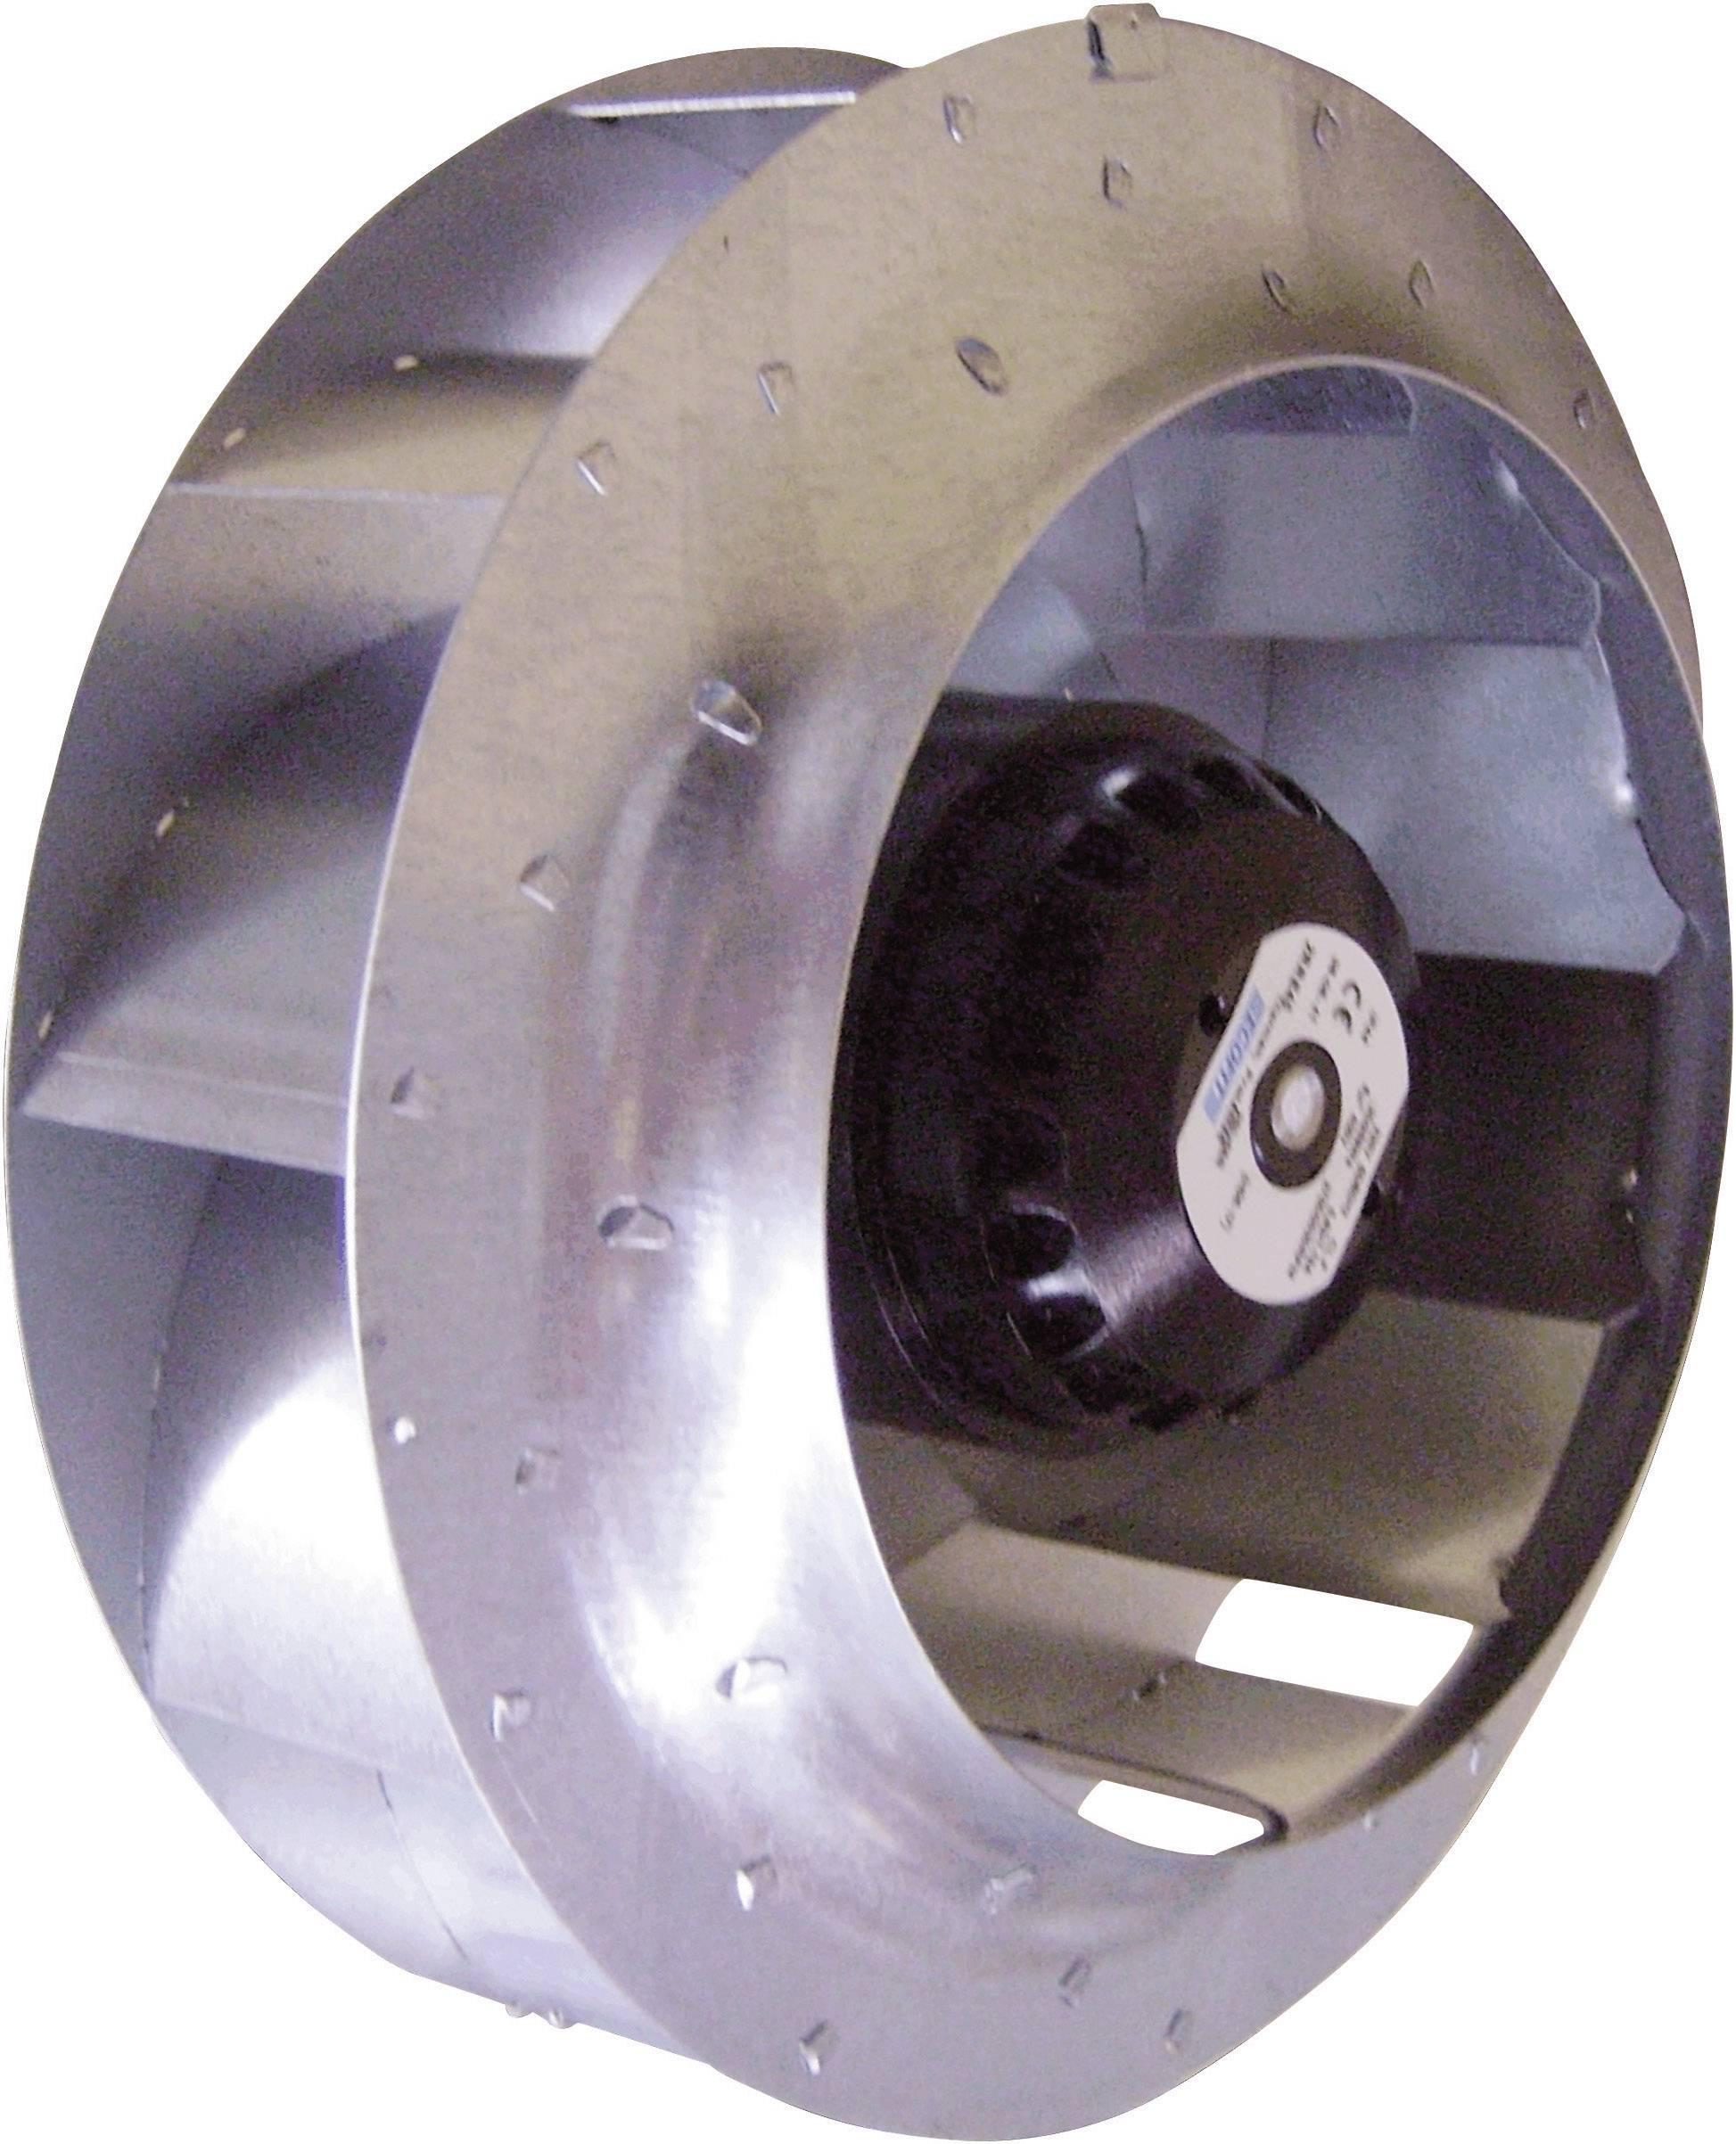 Axiálny ventilátor Ecofit 2RRE45-250X50R L47-A3, 230 V/AC, 73.5 dB (A), (Ø x v) 252 mm x 103.5 mm